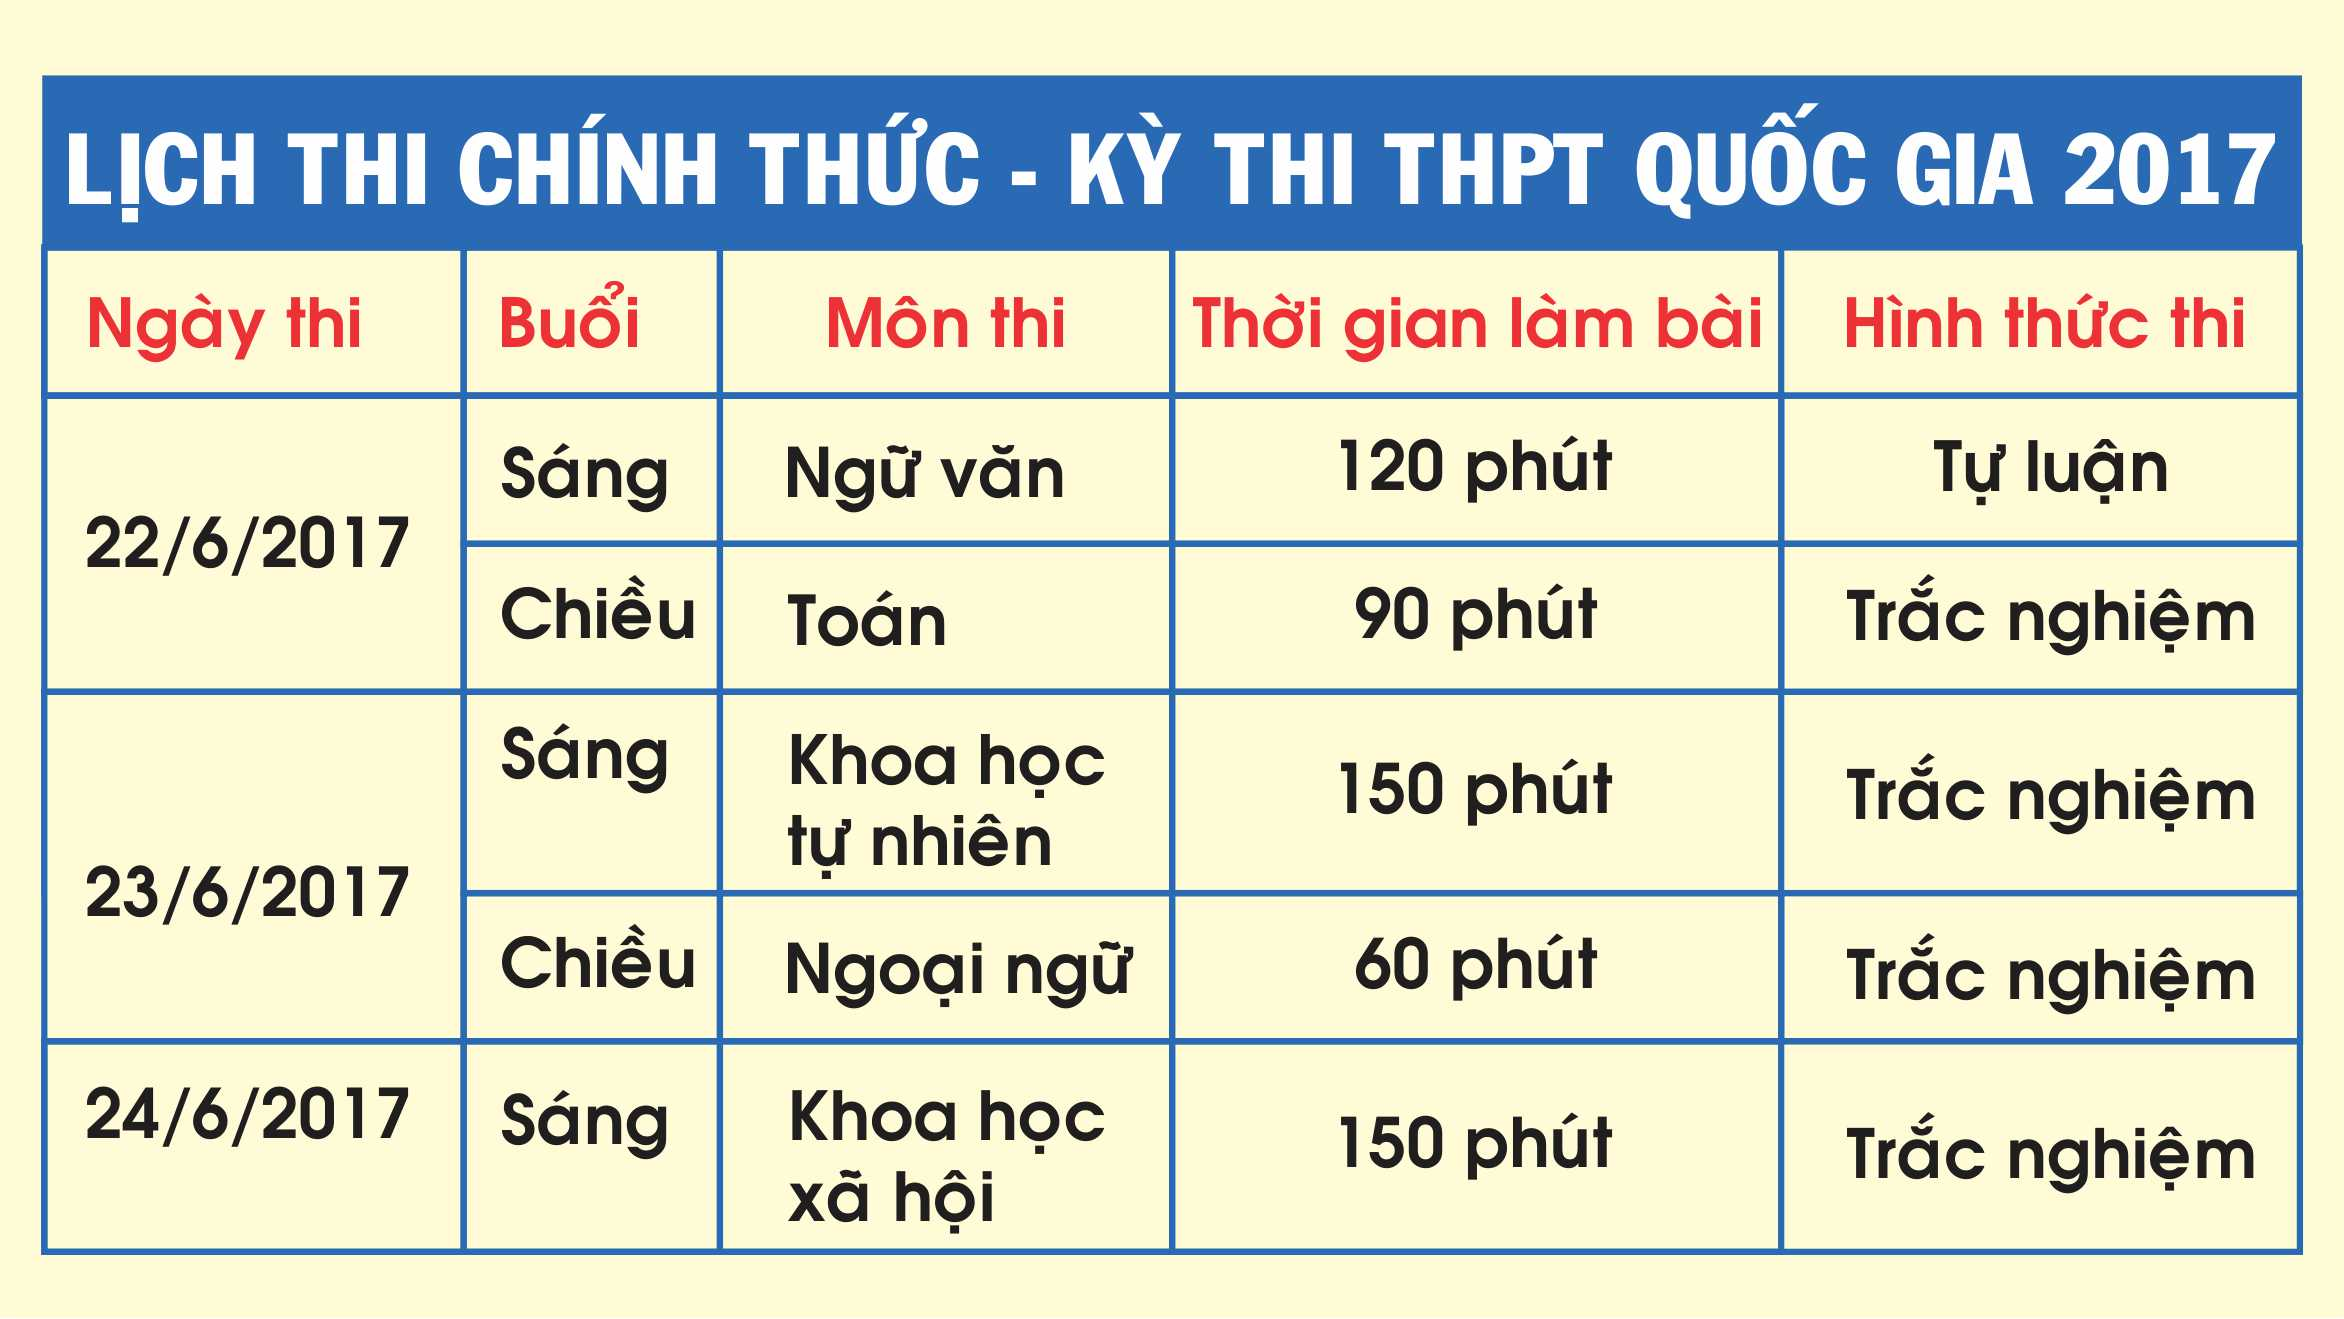 lich thi